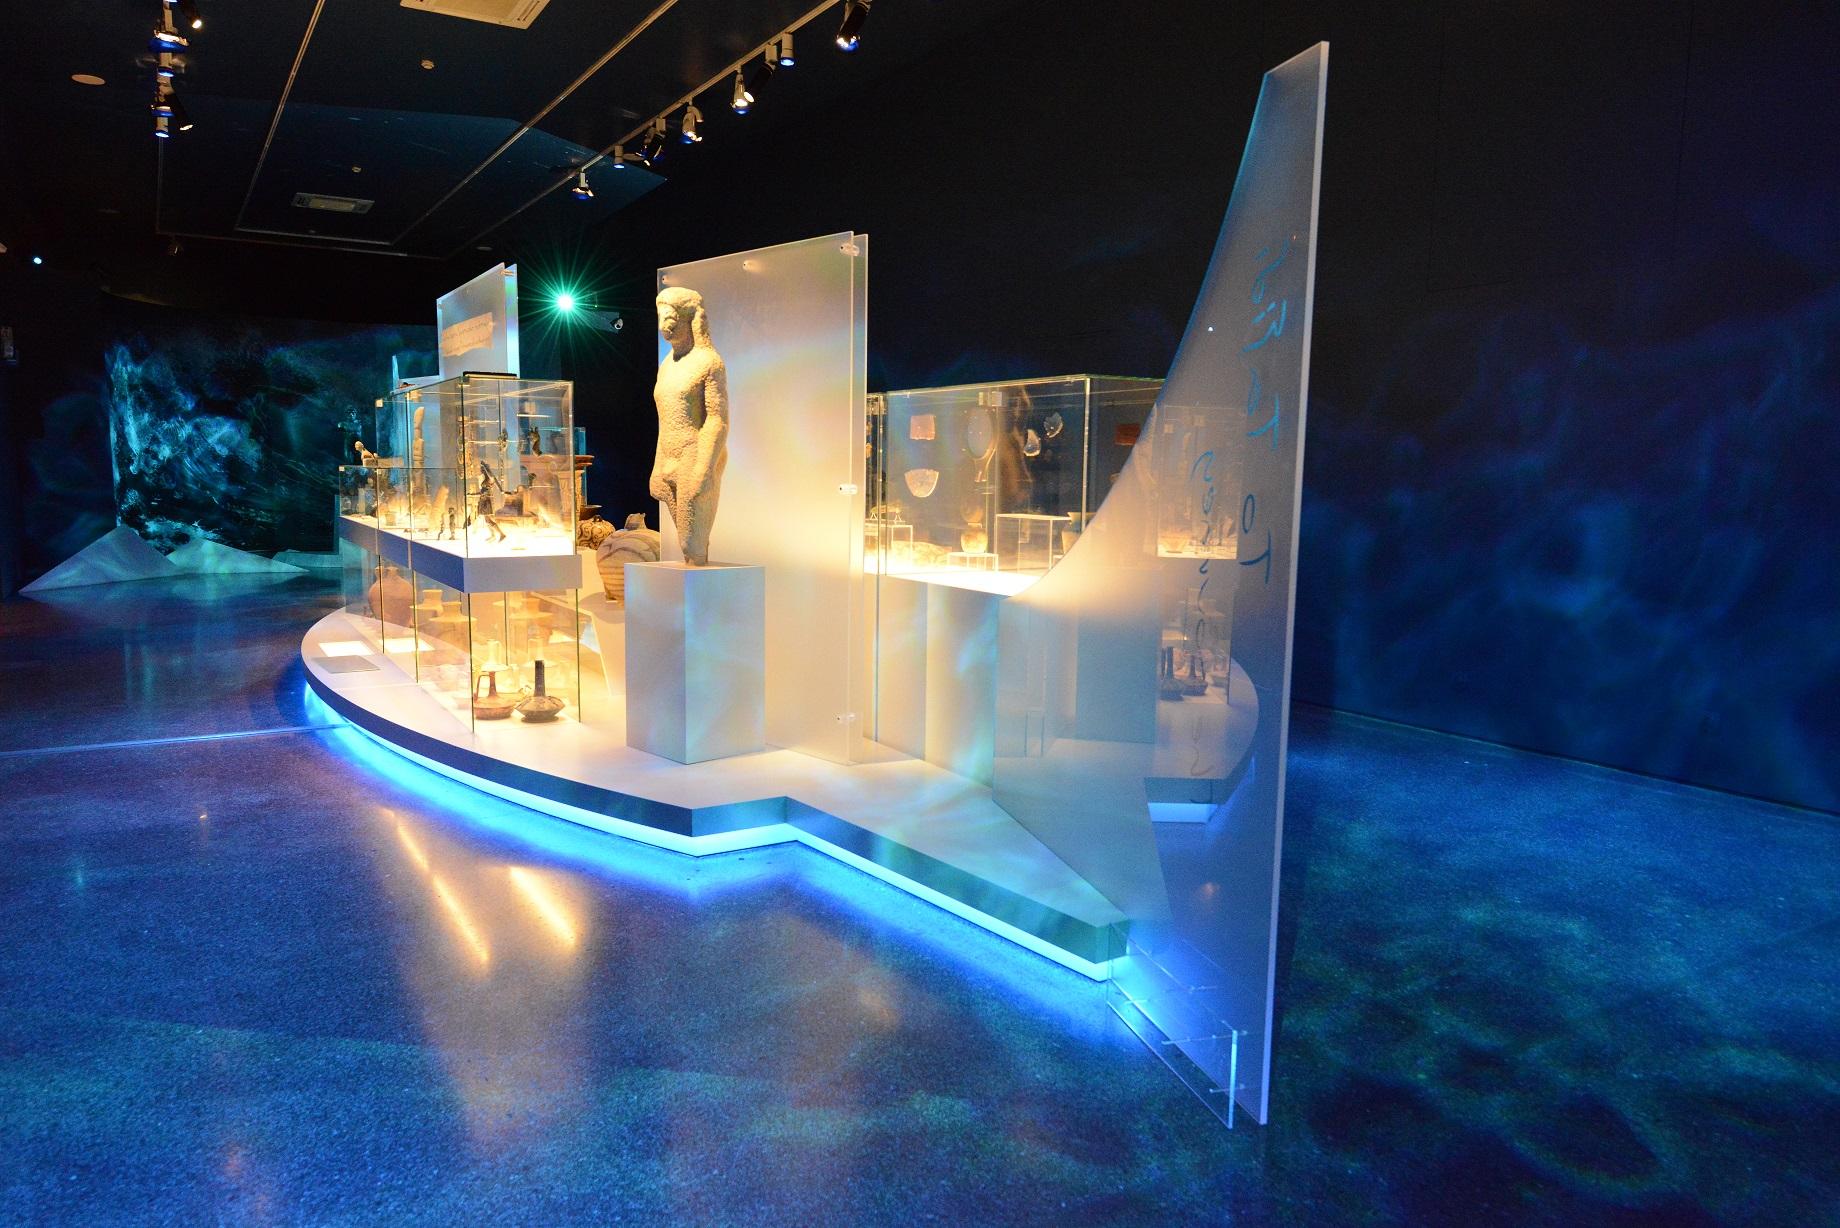 Θεματικός άξονας «Ταξίδι», έκθεση «Οδύσσειες», Εθνικό Αρχαιολογικό Μουσείο